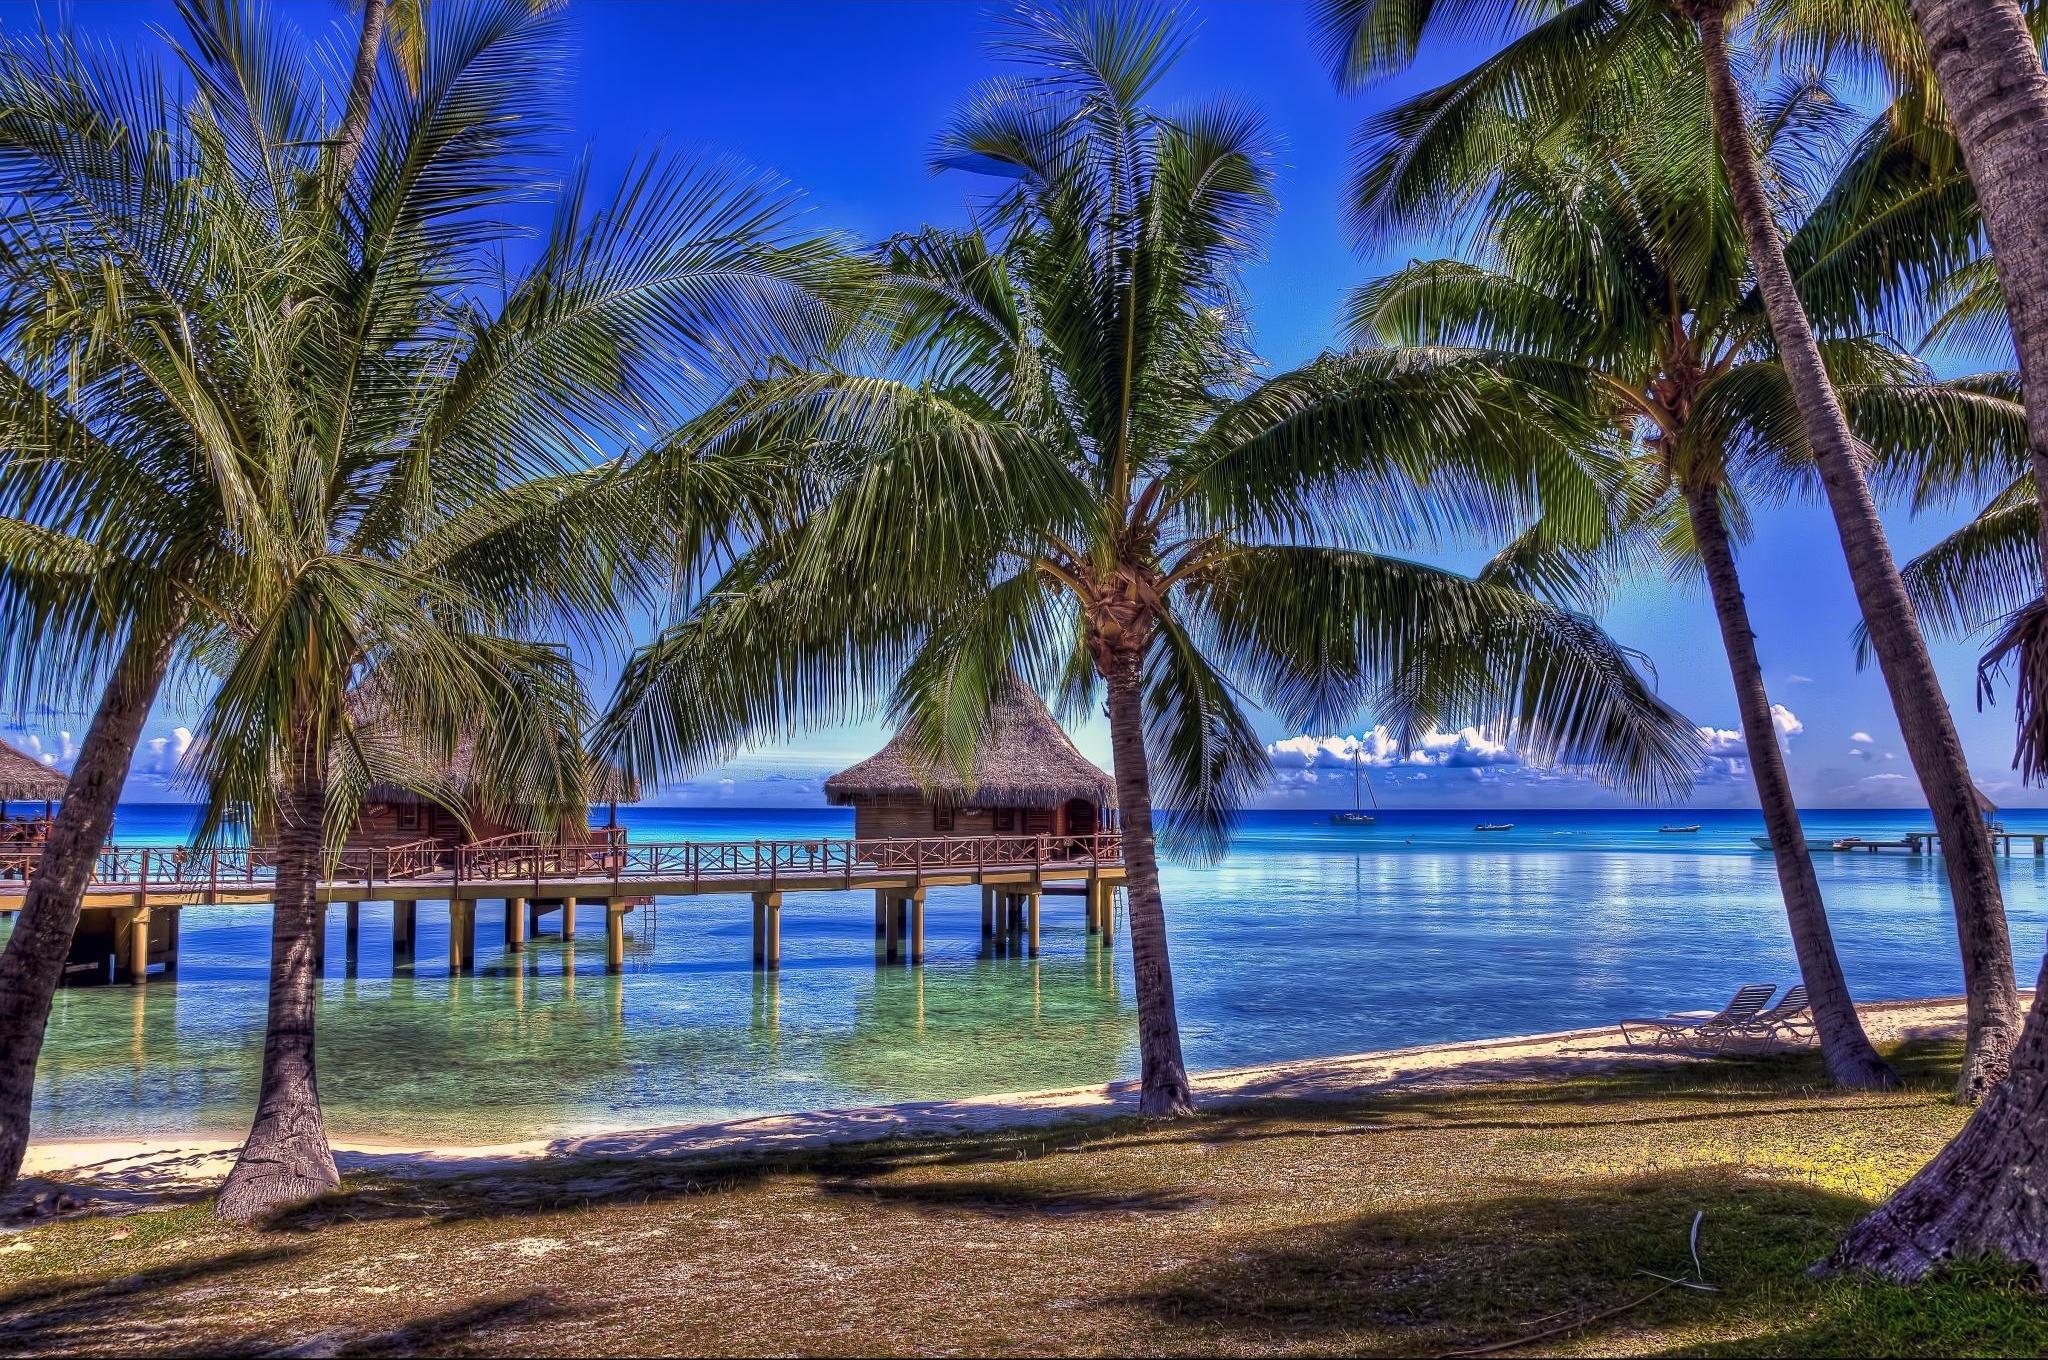 обои на рабочий стол океан пляж пальмы 10206